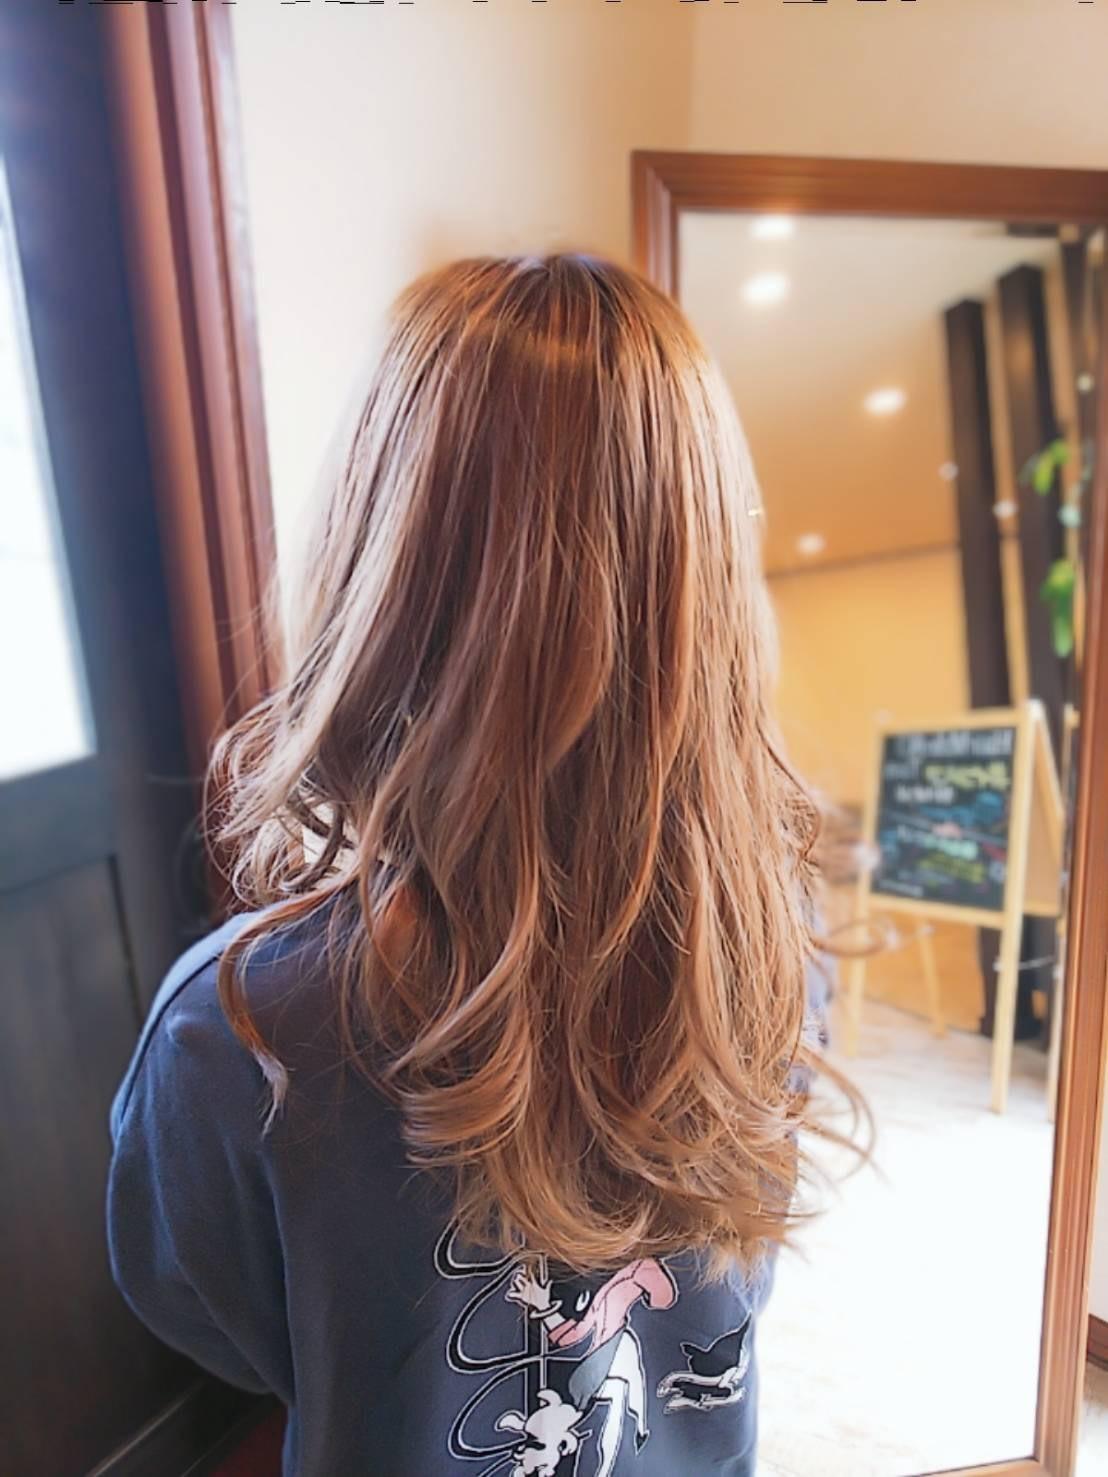 毛先まで艶やかな美髪を叶える「ハイドロトリートメント」で大人髪を徹底ケア◎